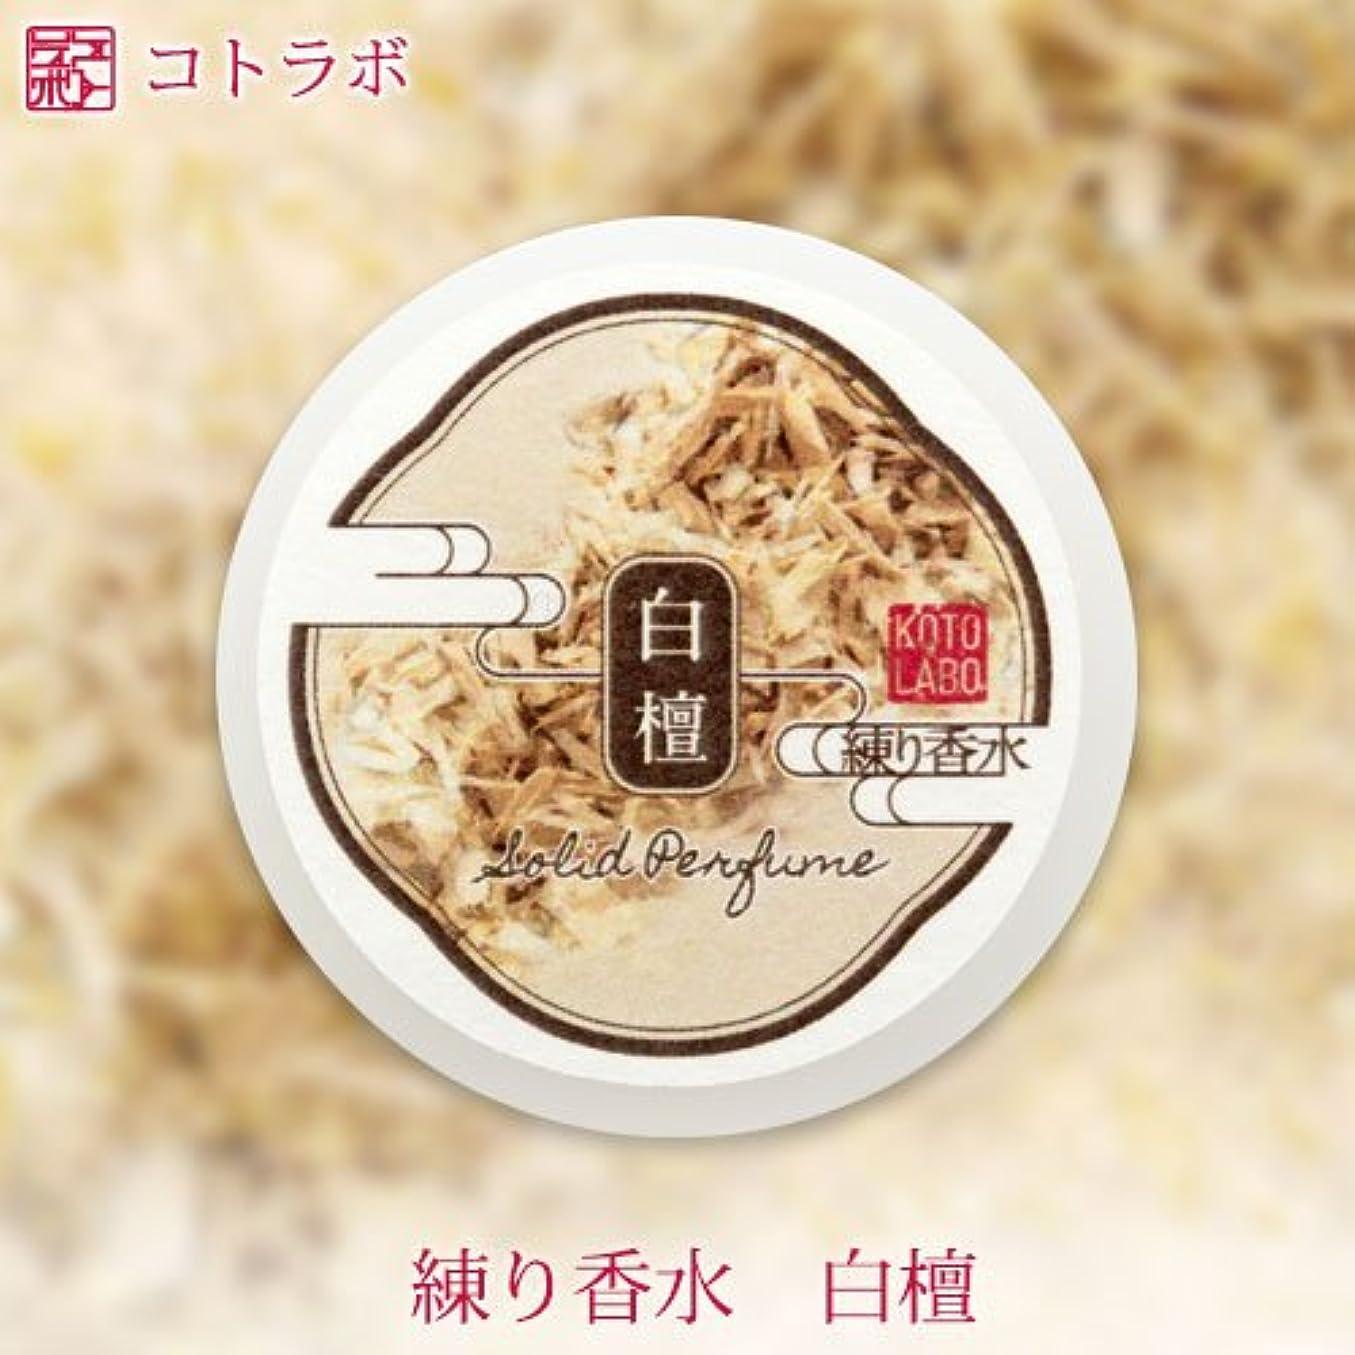 潜水艦精査有毒な金箔透明練り香水 白檀の香り ソリッドパフューム Kotolabo solid perfume, Sandalwood